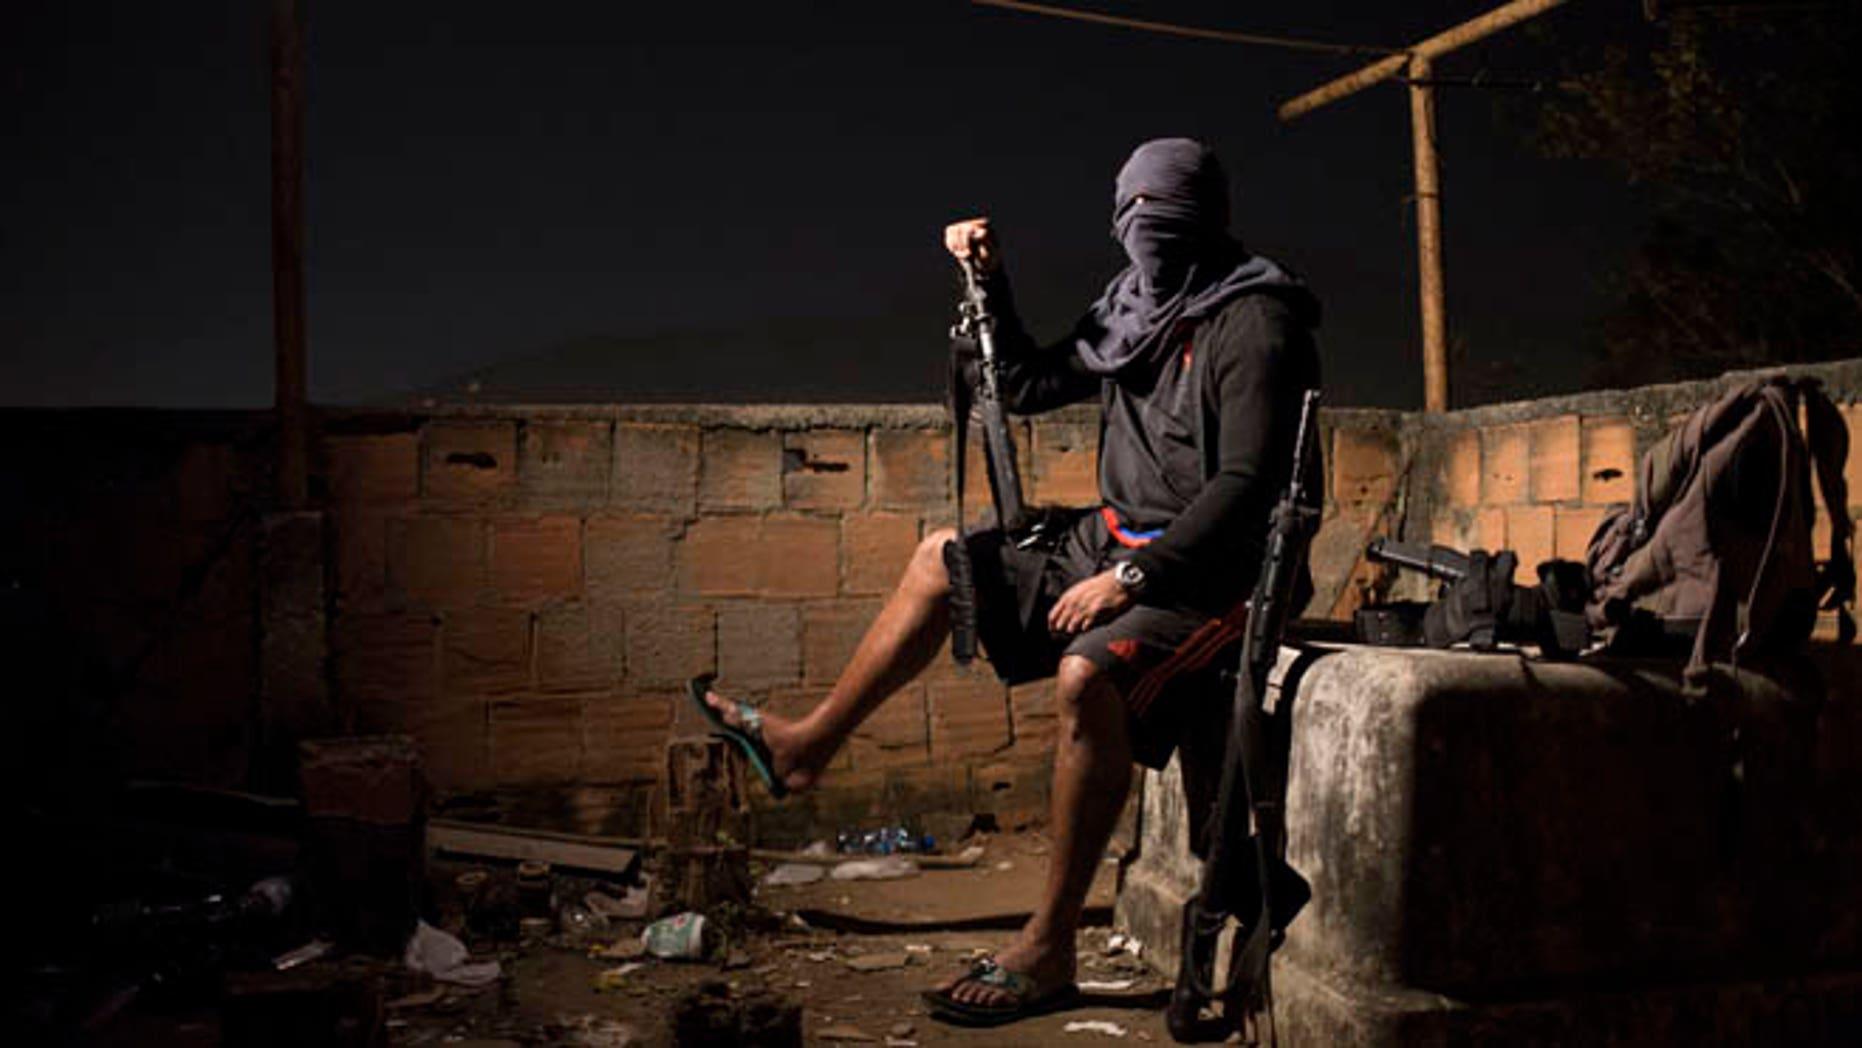 A drug gang leader poses for a photo in a slum in Rio de Janeiro, Brazil.